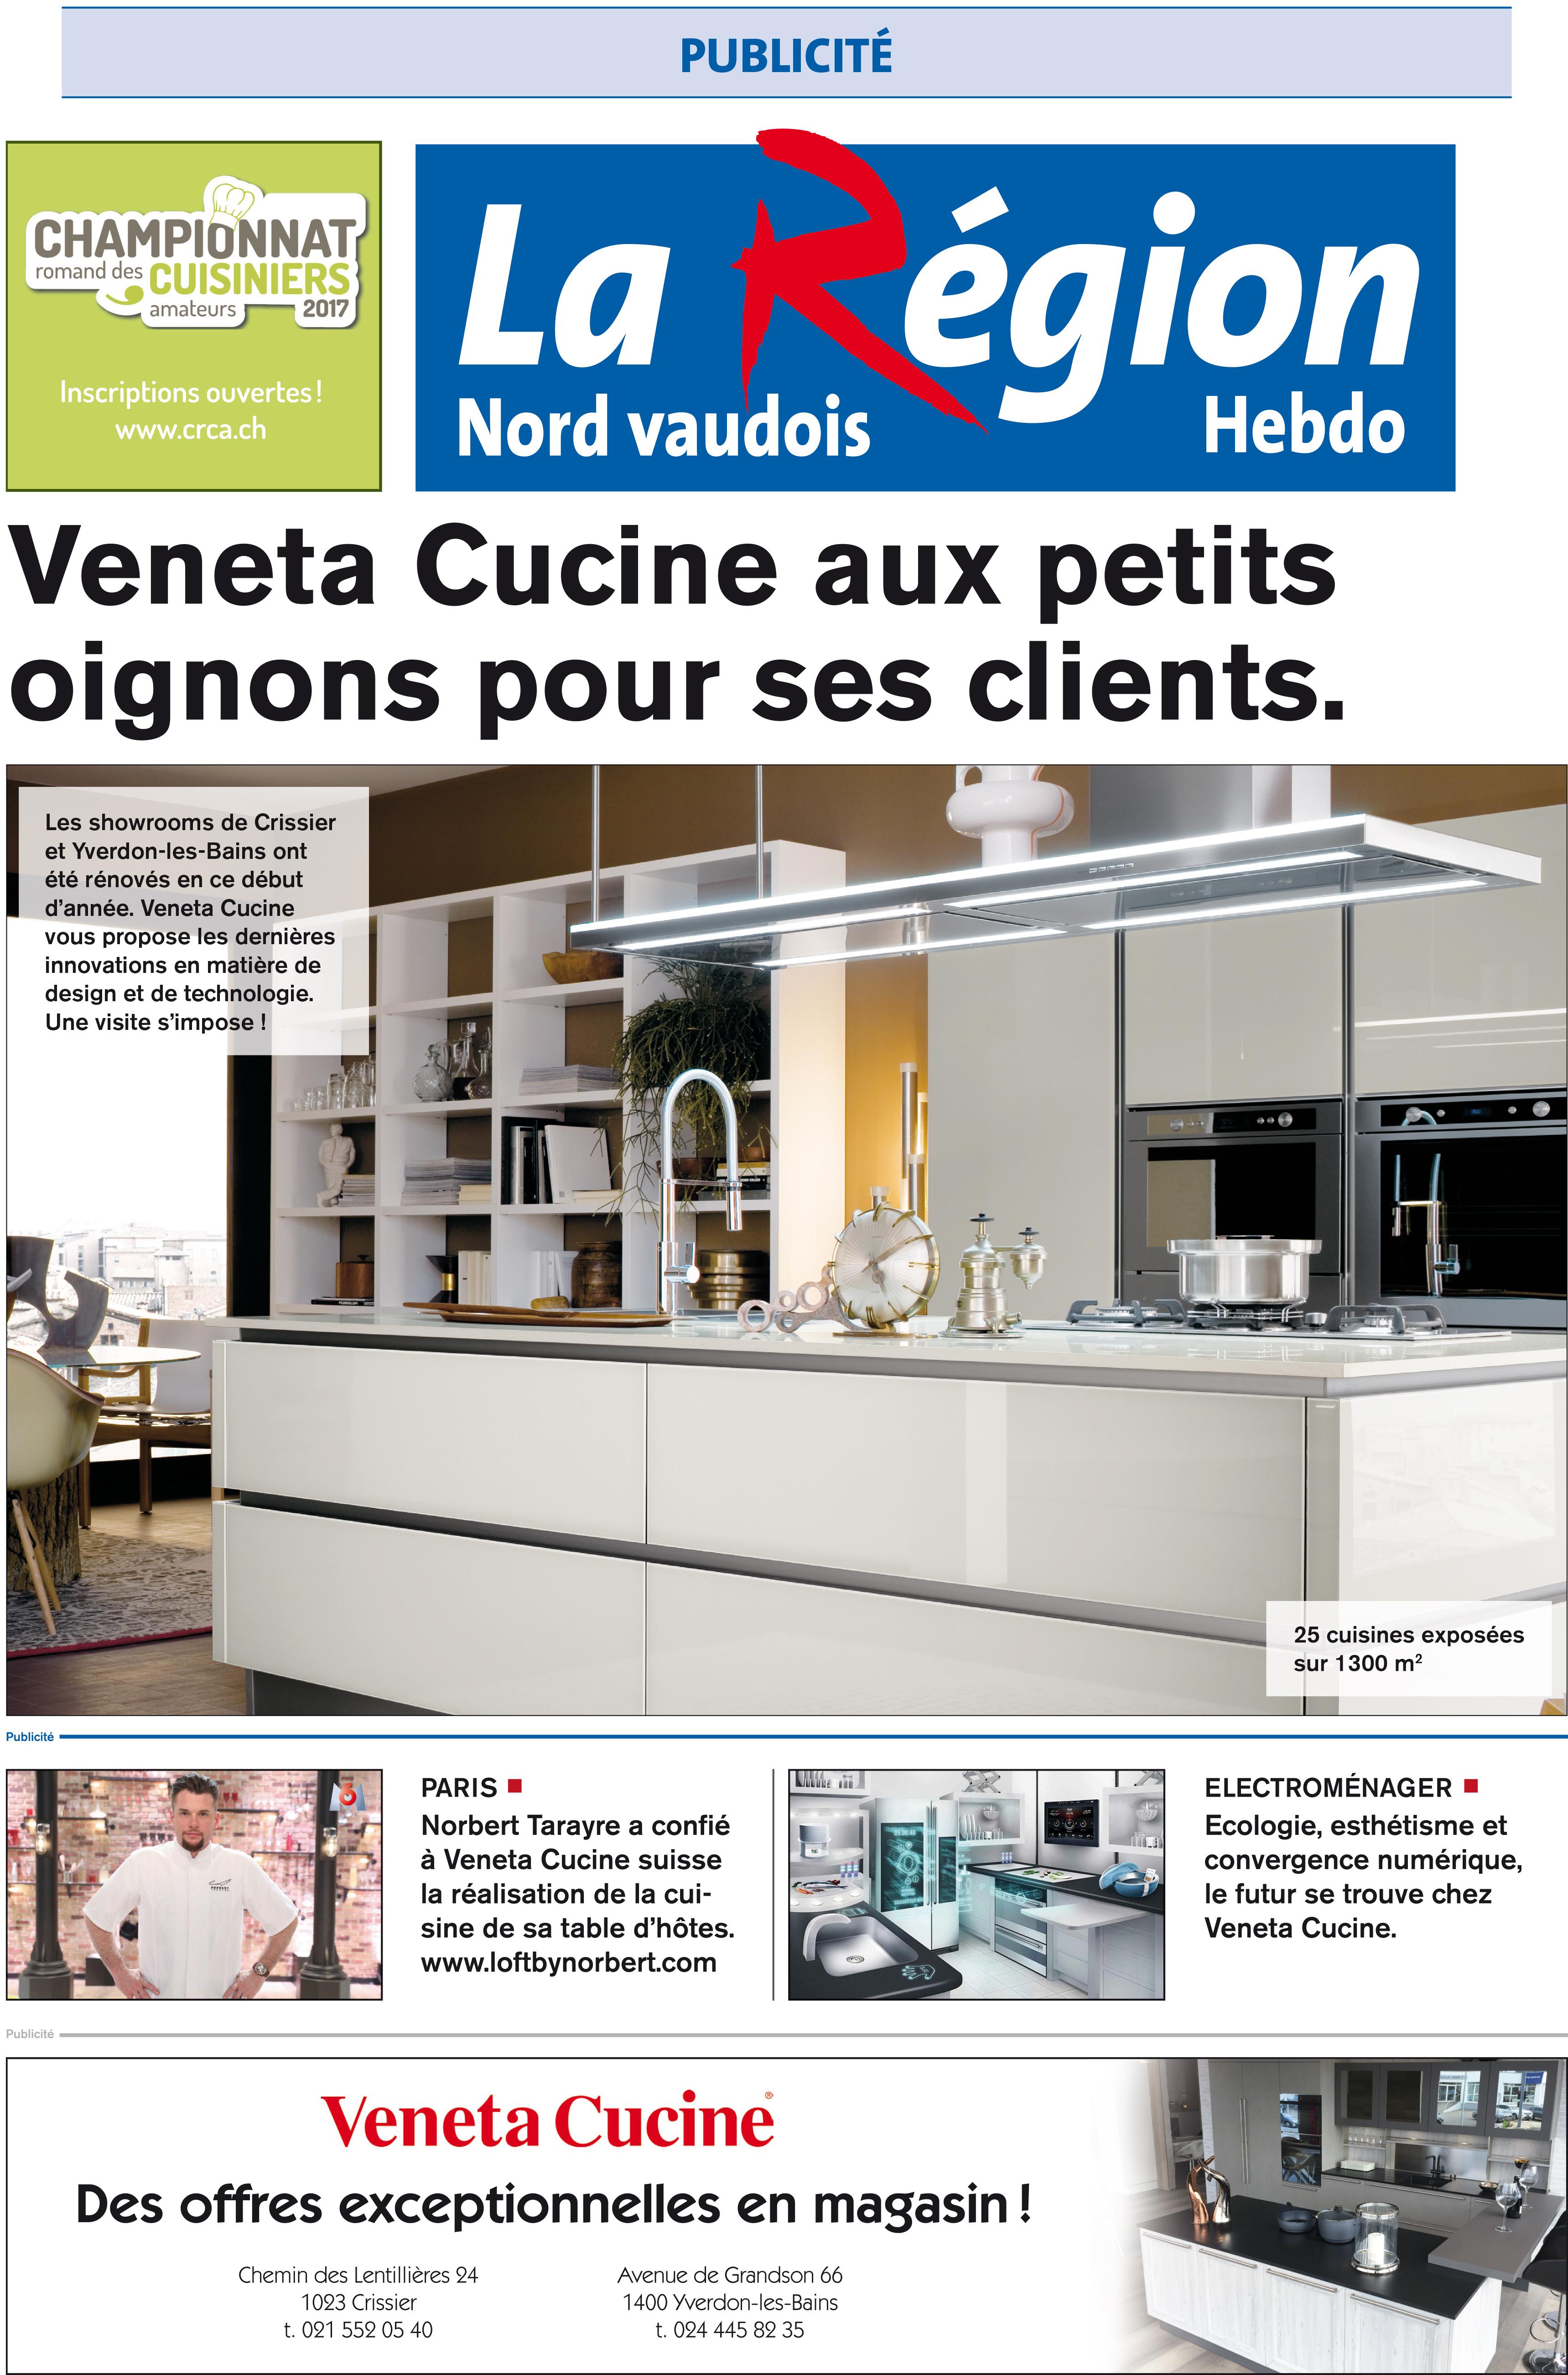 Publicit dans la r gion veneta cucine l for Agencement cuisine yverdon